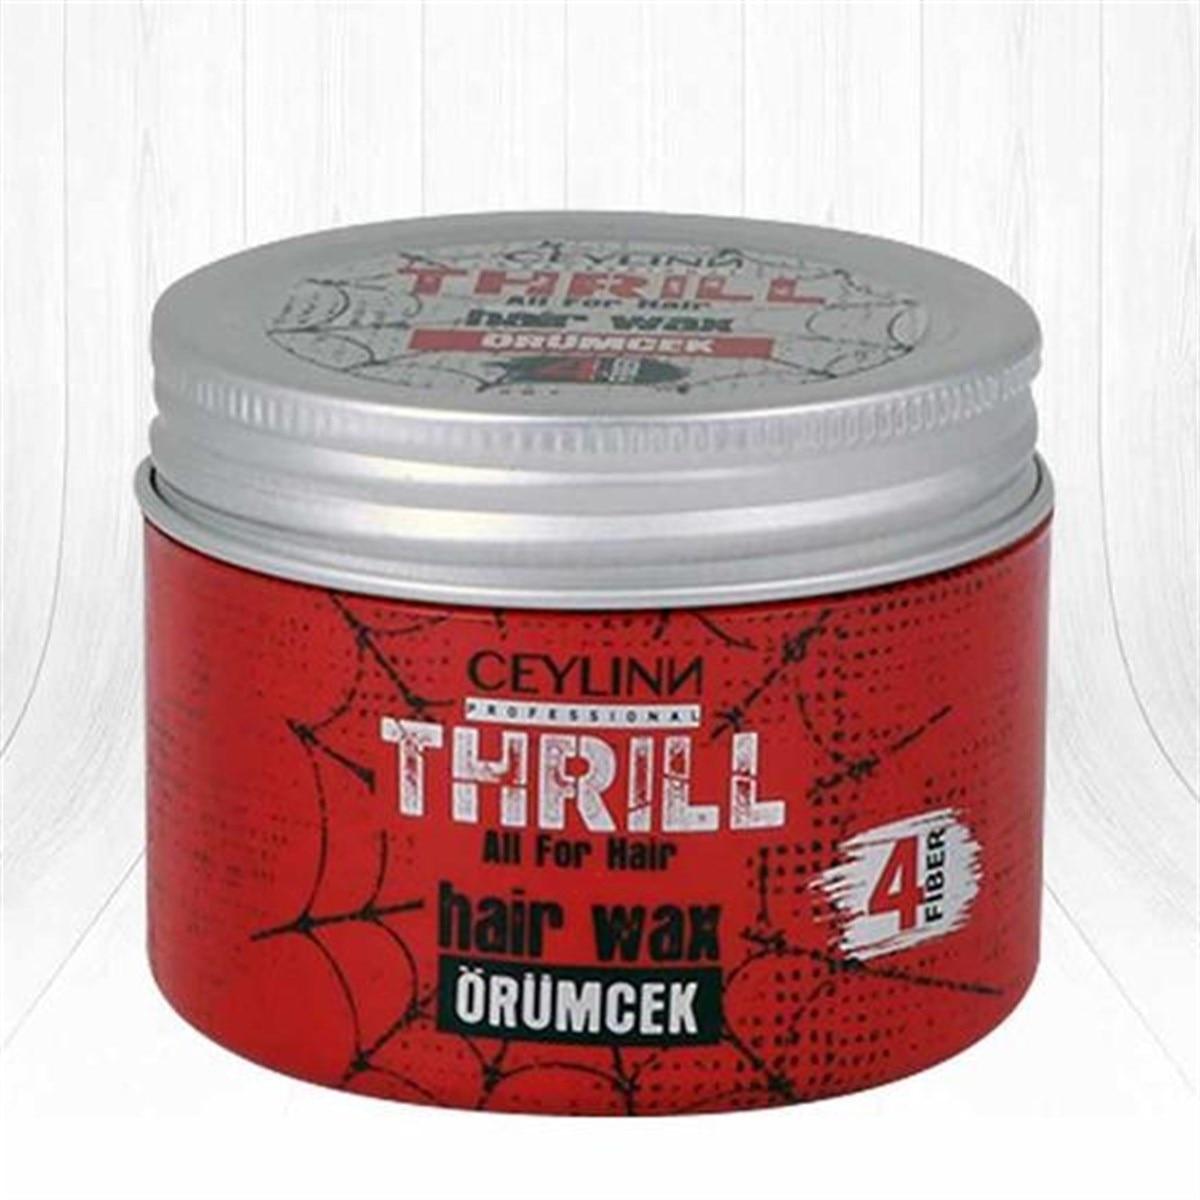 Twitter Fiber Strong Spider Wax 150ml Straightener Defrizz Cream Red Straight Hair Treatment Straightening Permanent Hair